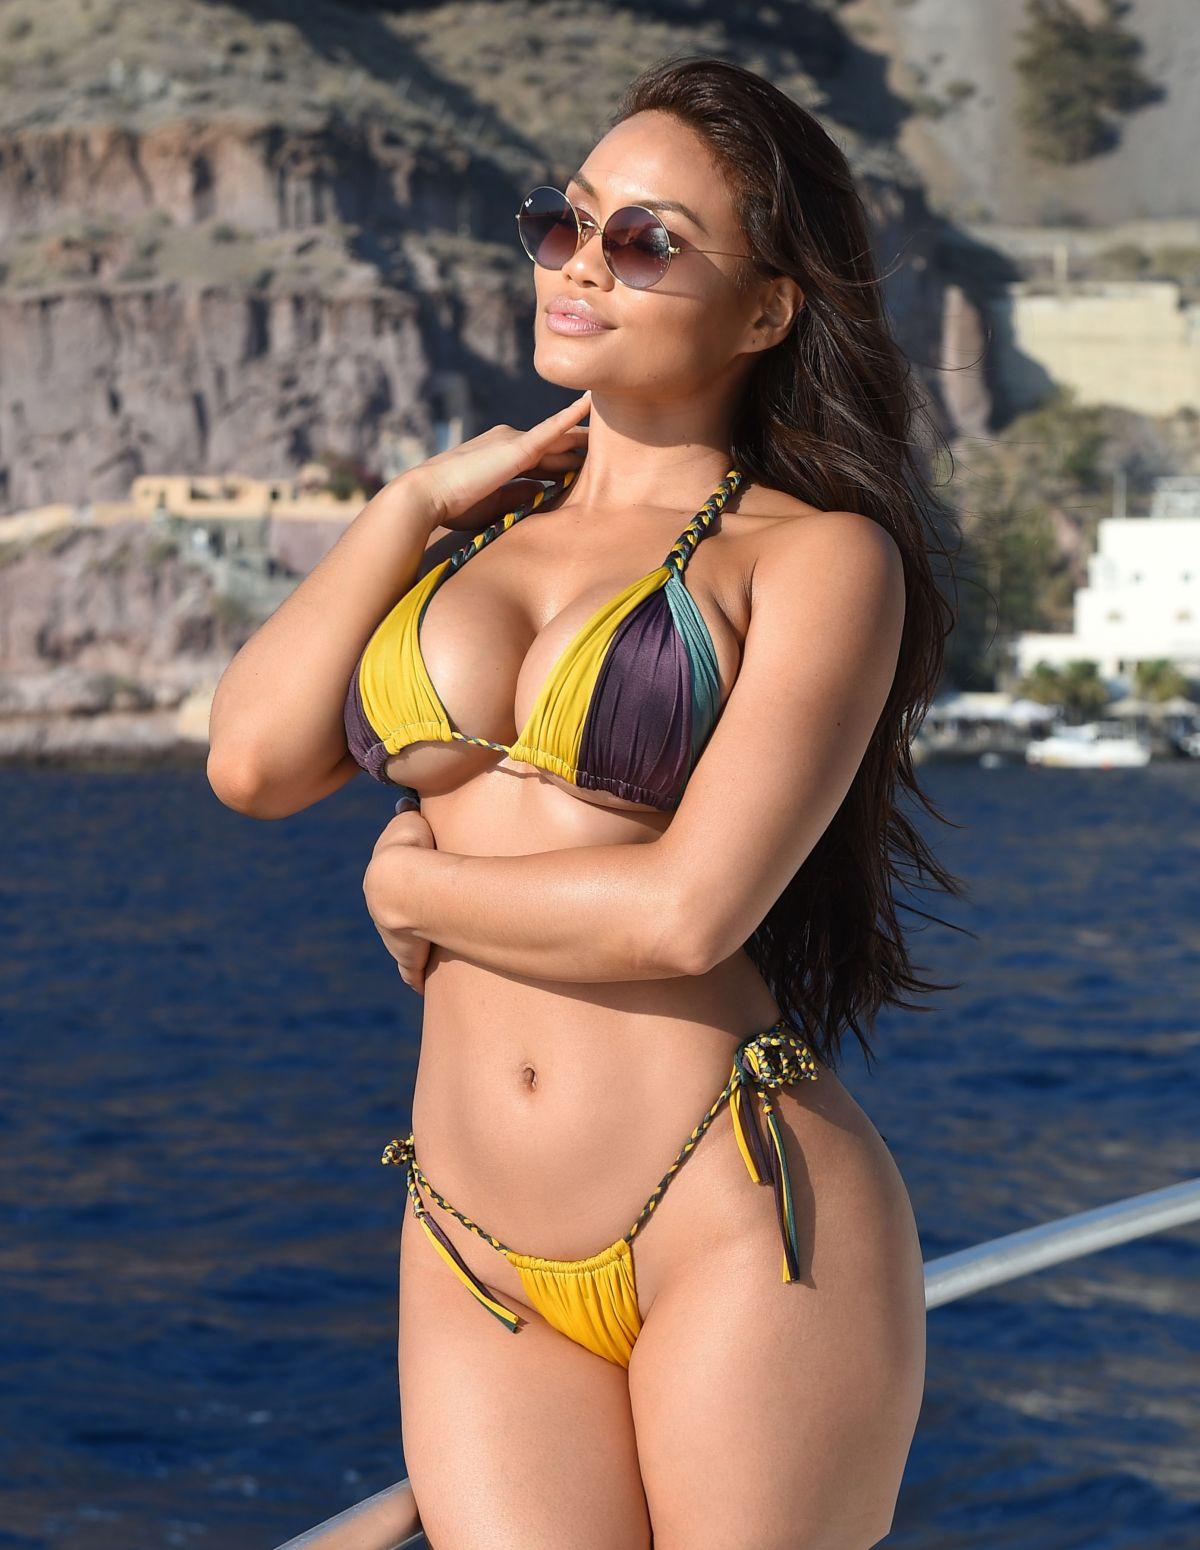 comprare popolare 2392a 56f9a DAPHNE JOY in Bikini at a Boat in Italy 11/12/2018 – HawtCelebs